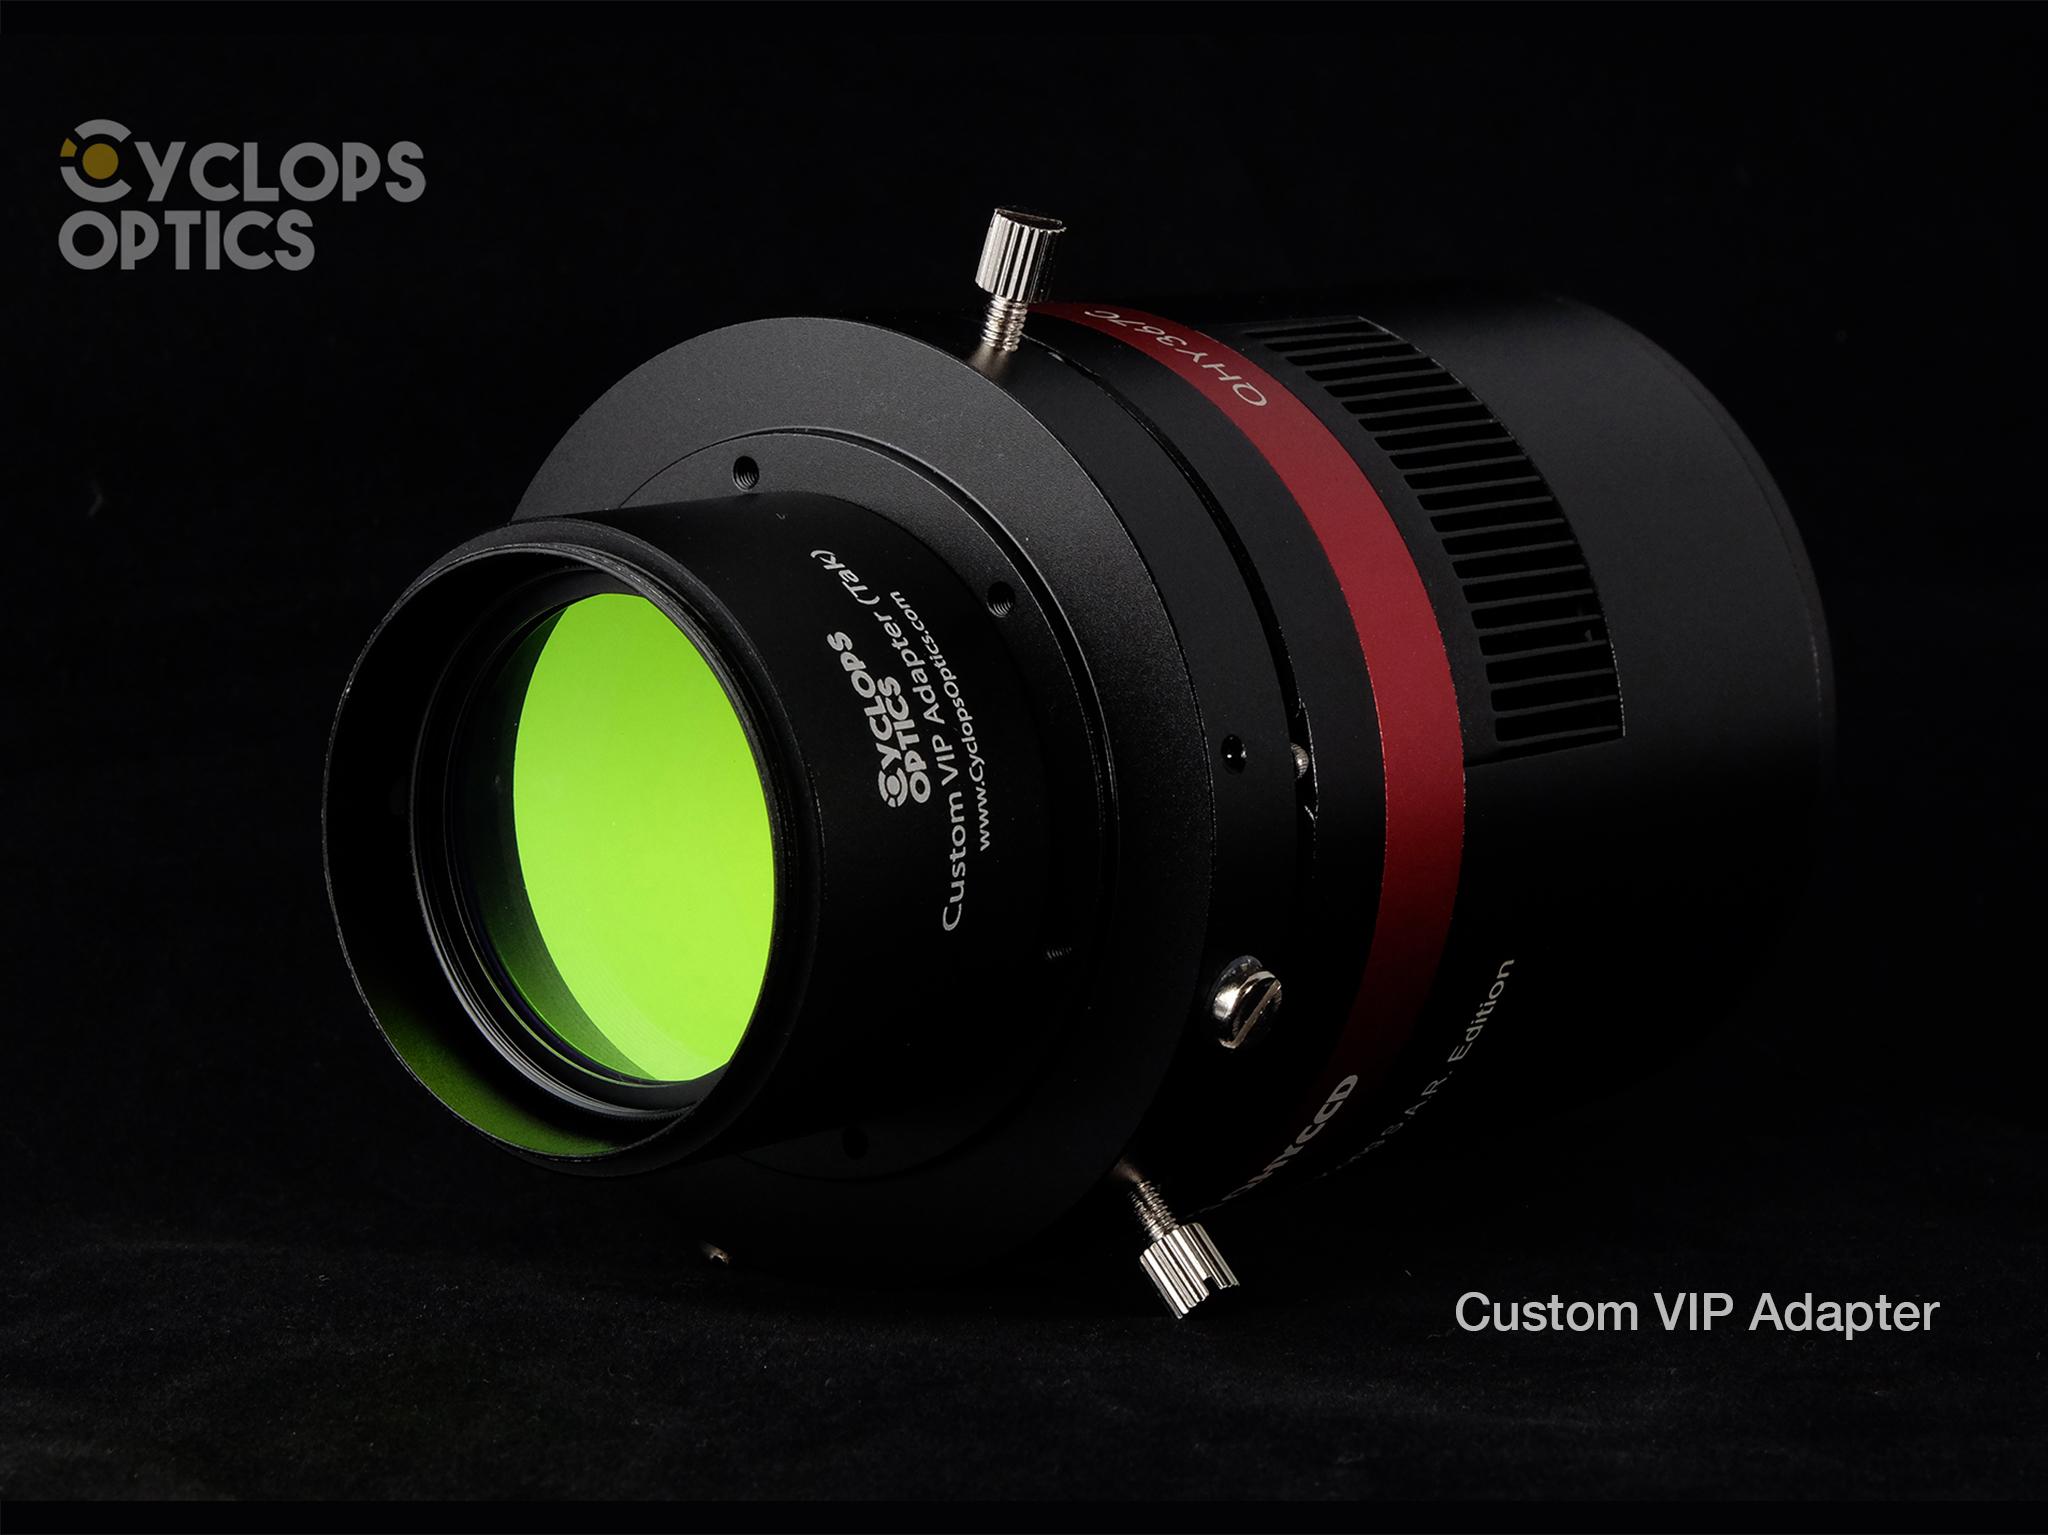 cyclops-optics-custom-vip-adapter-tak-002-2048px-cap.jpg